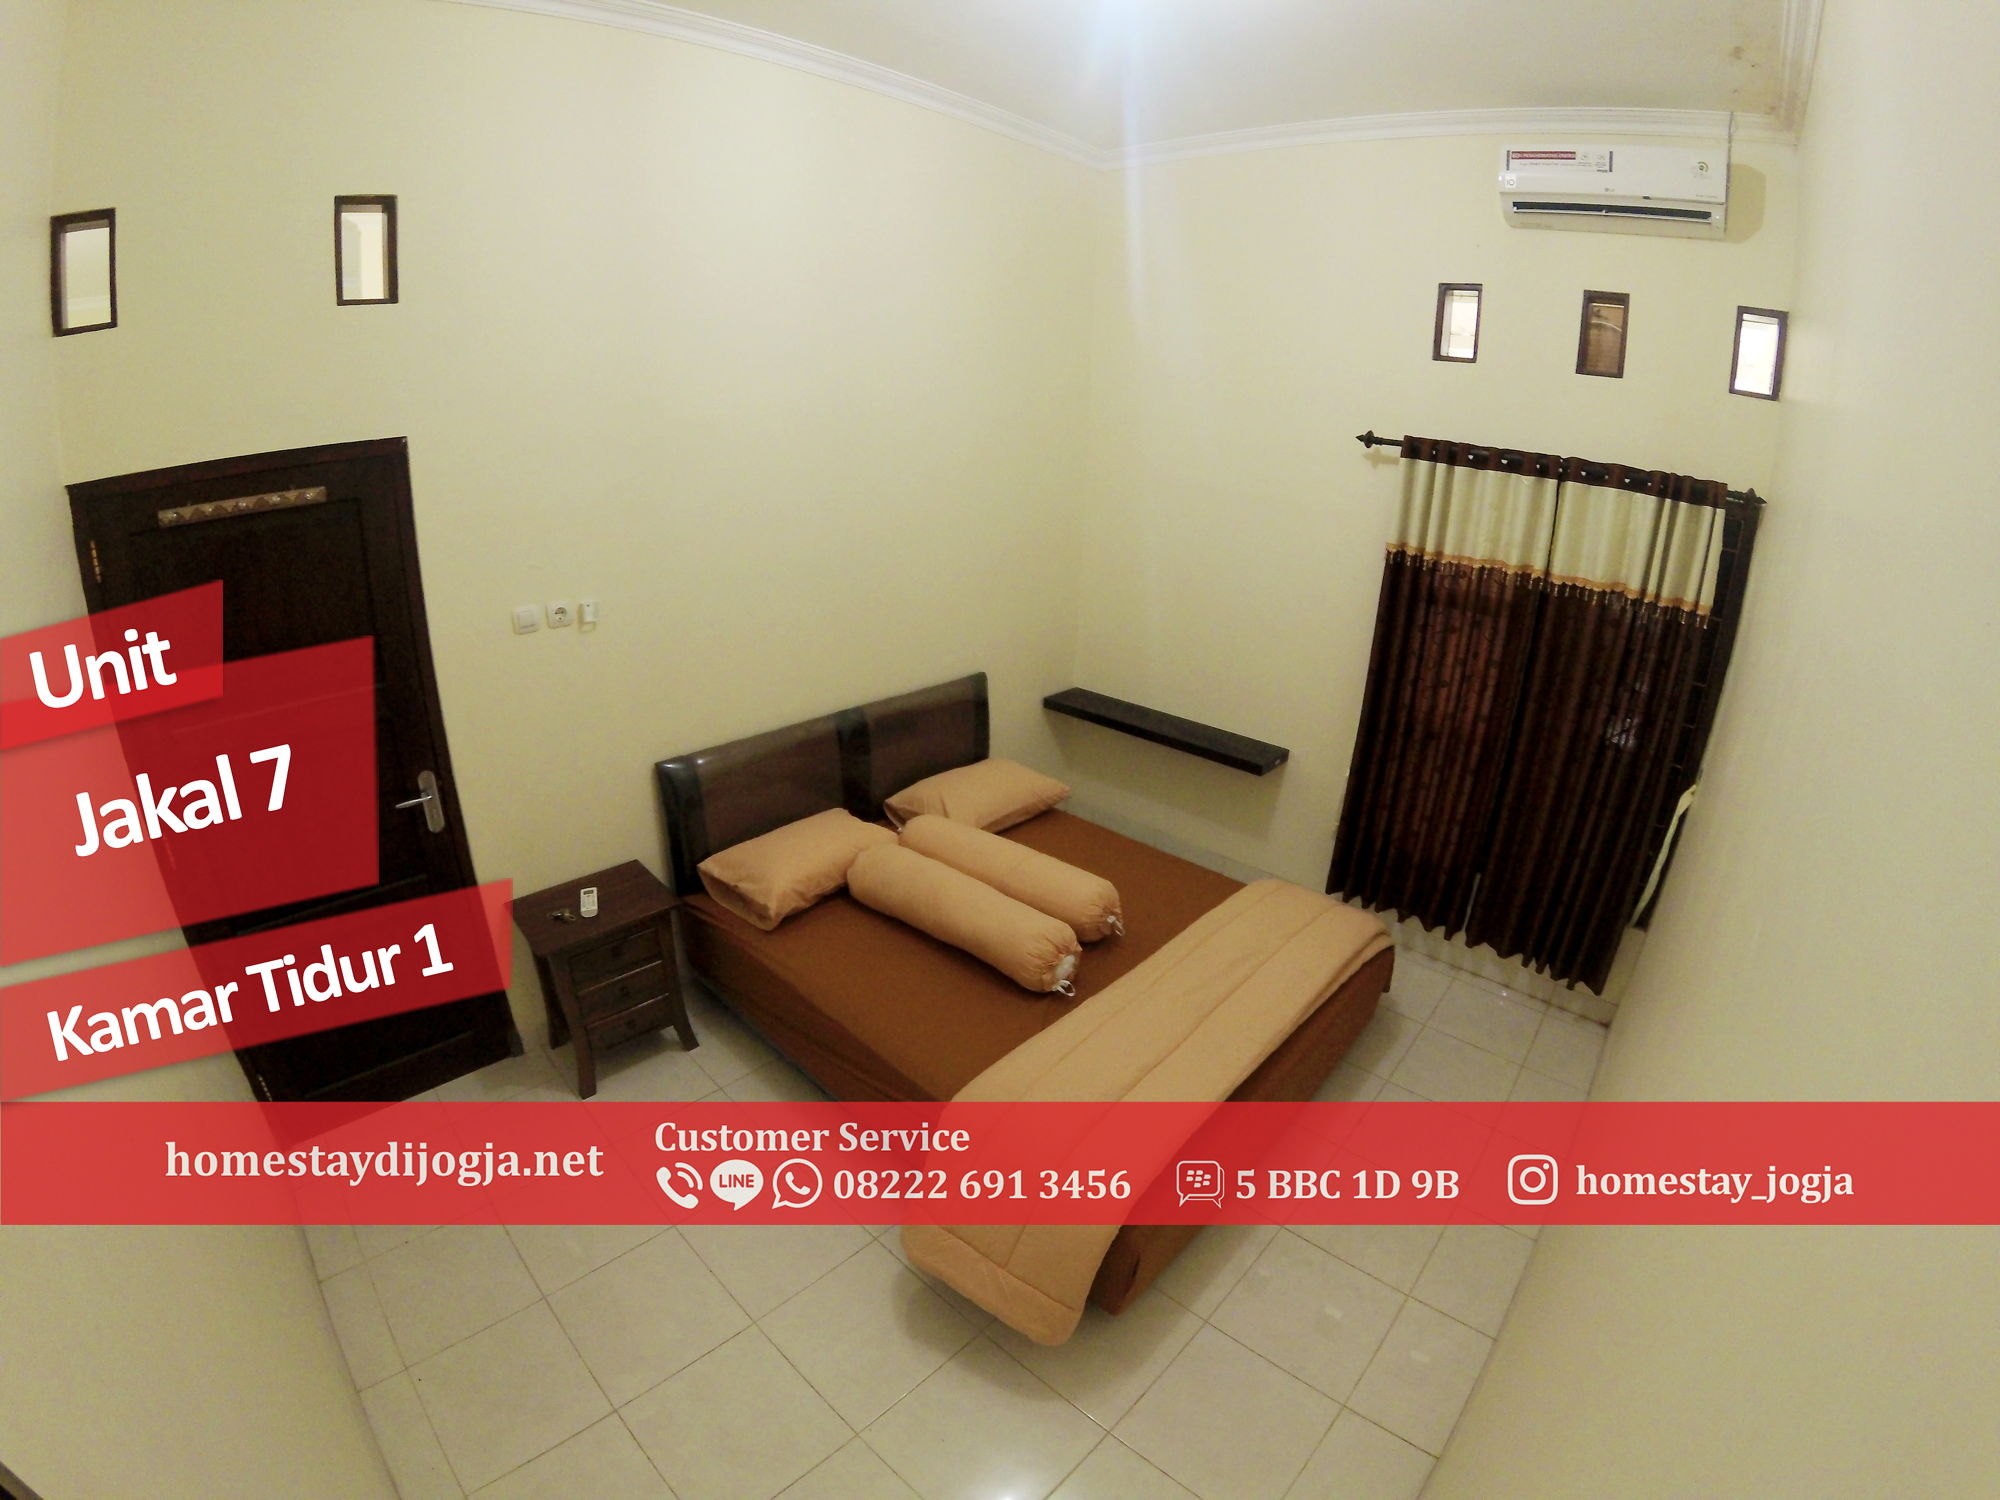 Homestay Jogja Murah 3 Kamar tidur AC di Jalan Kaliurang KM 12 menuju Malioboro 30 menit